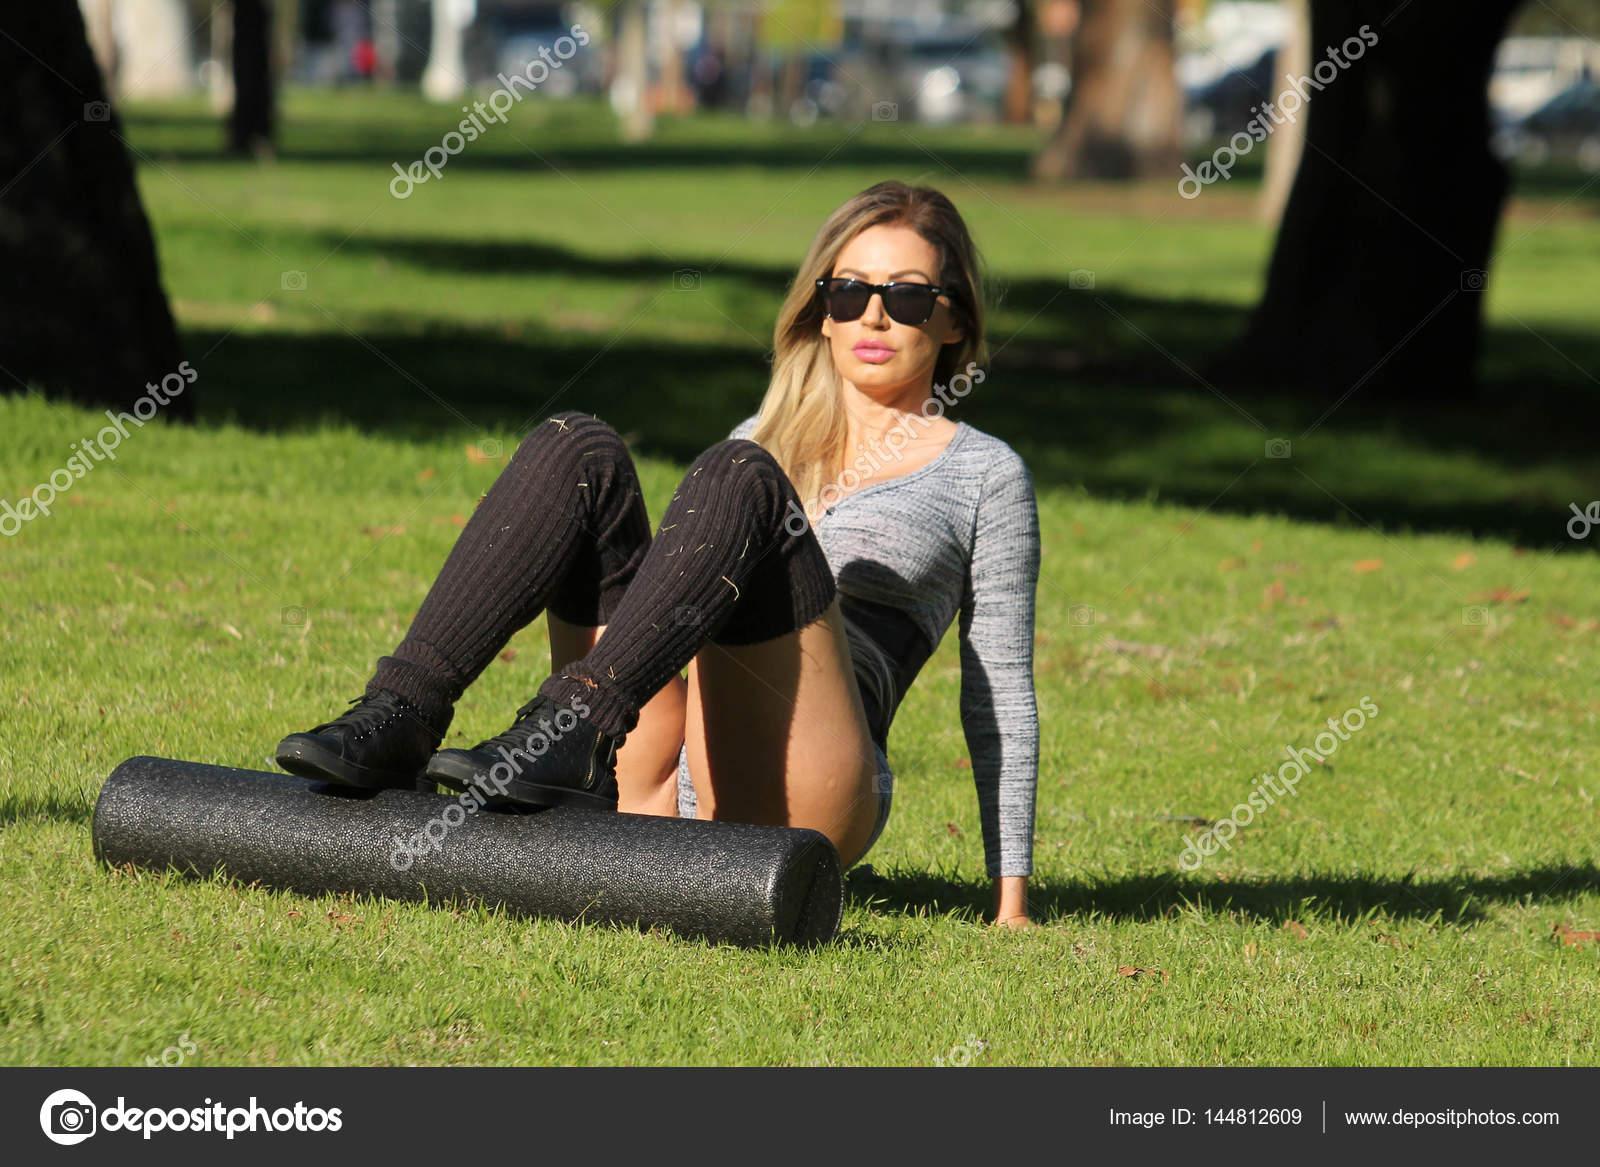 Ana Braga Desnuda modelo brasileña ana braga en el parque — foto editorial de